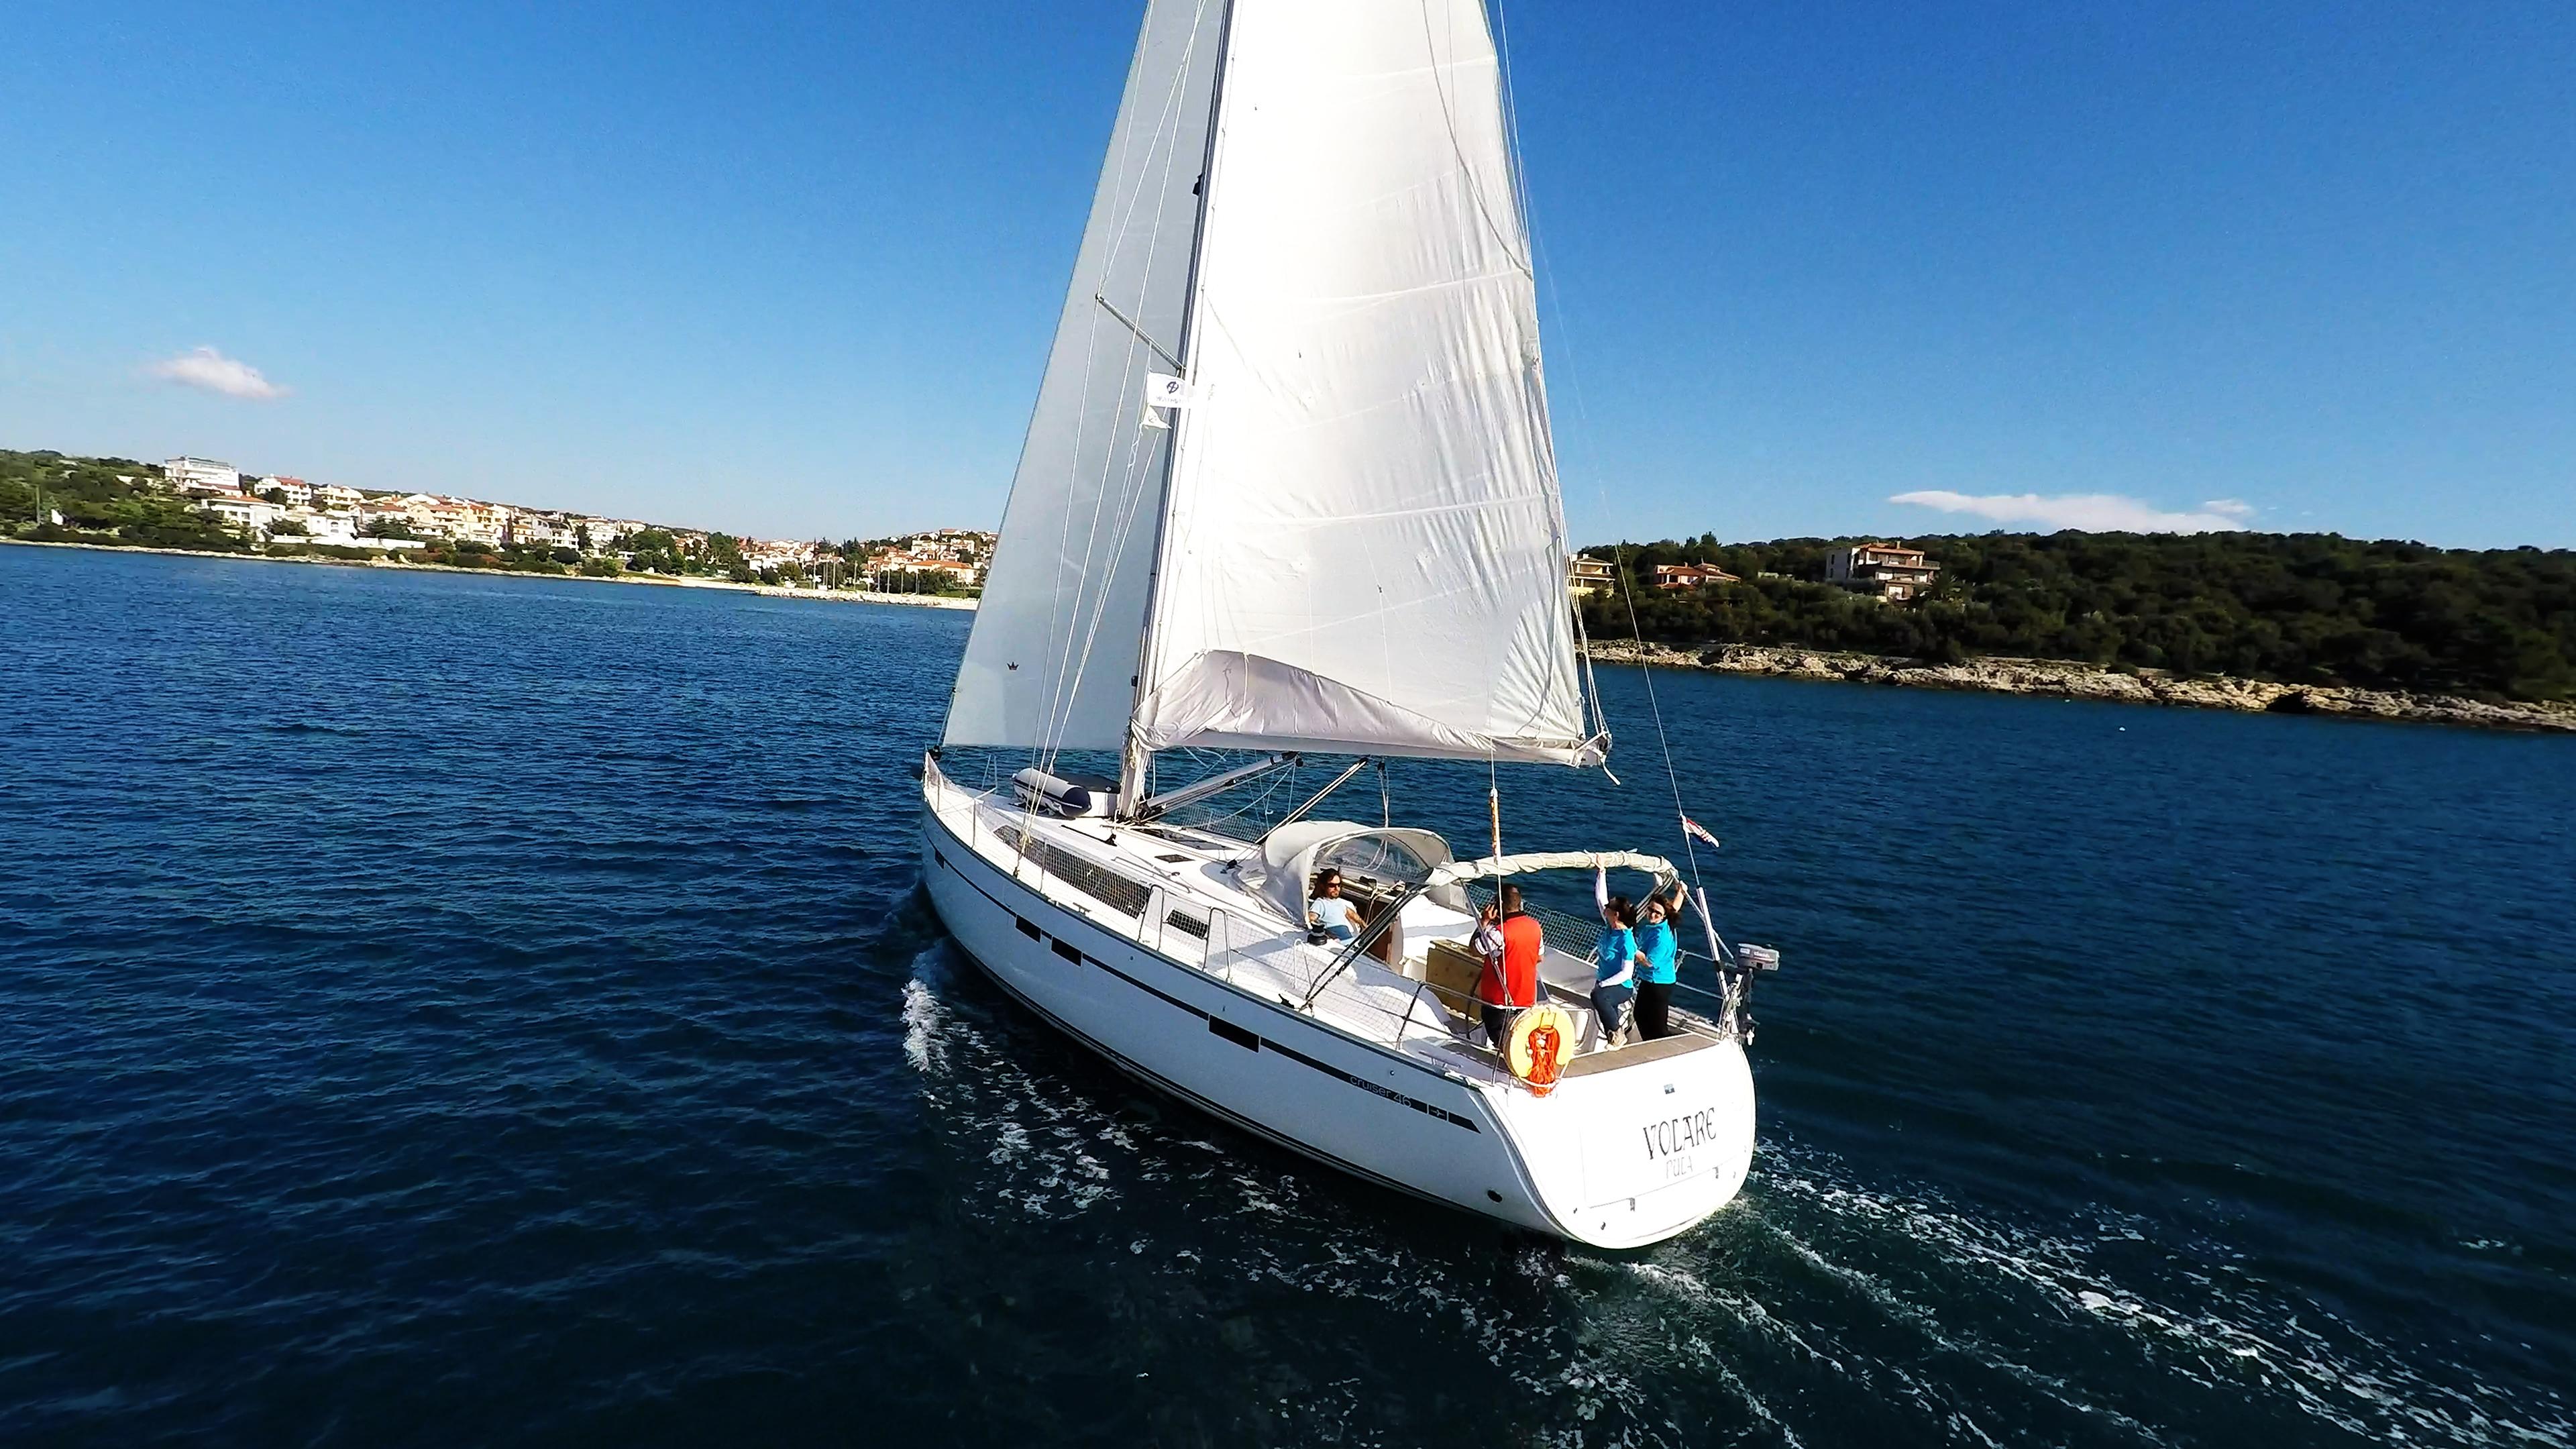 barcha a vela barca a vela yacht a vela costa Croazia